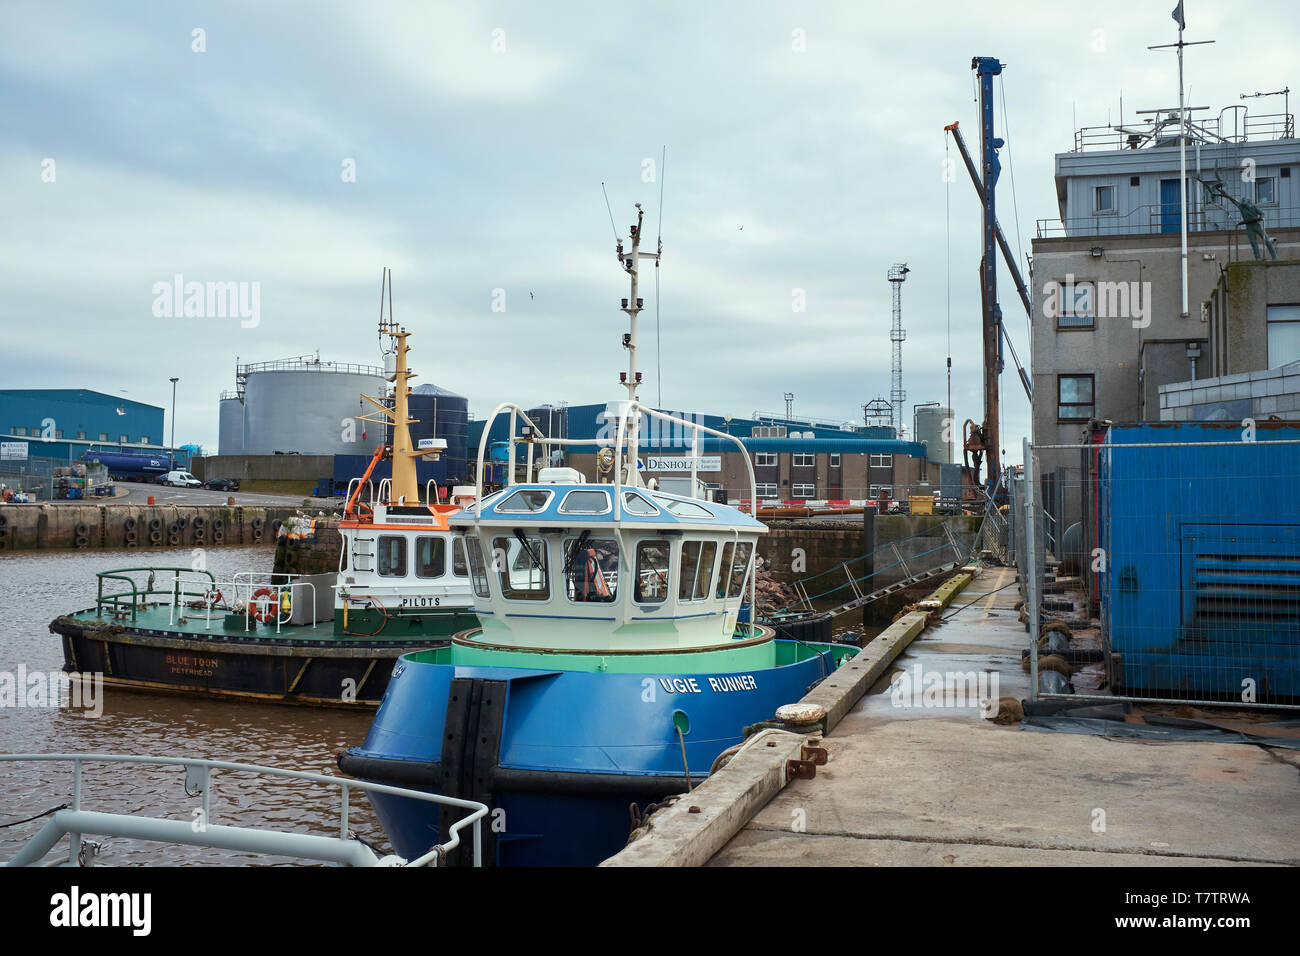 Arbeiten Handwerk BLAU TOON und UGIE RUNNER günstig neben in Peterhead Port. PETERHEAD, Aberdeenshire, Schottland, Großbritannien. 7. Juli 2017 Stockbild